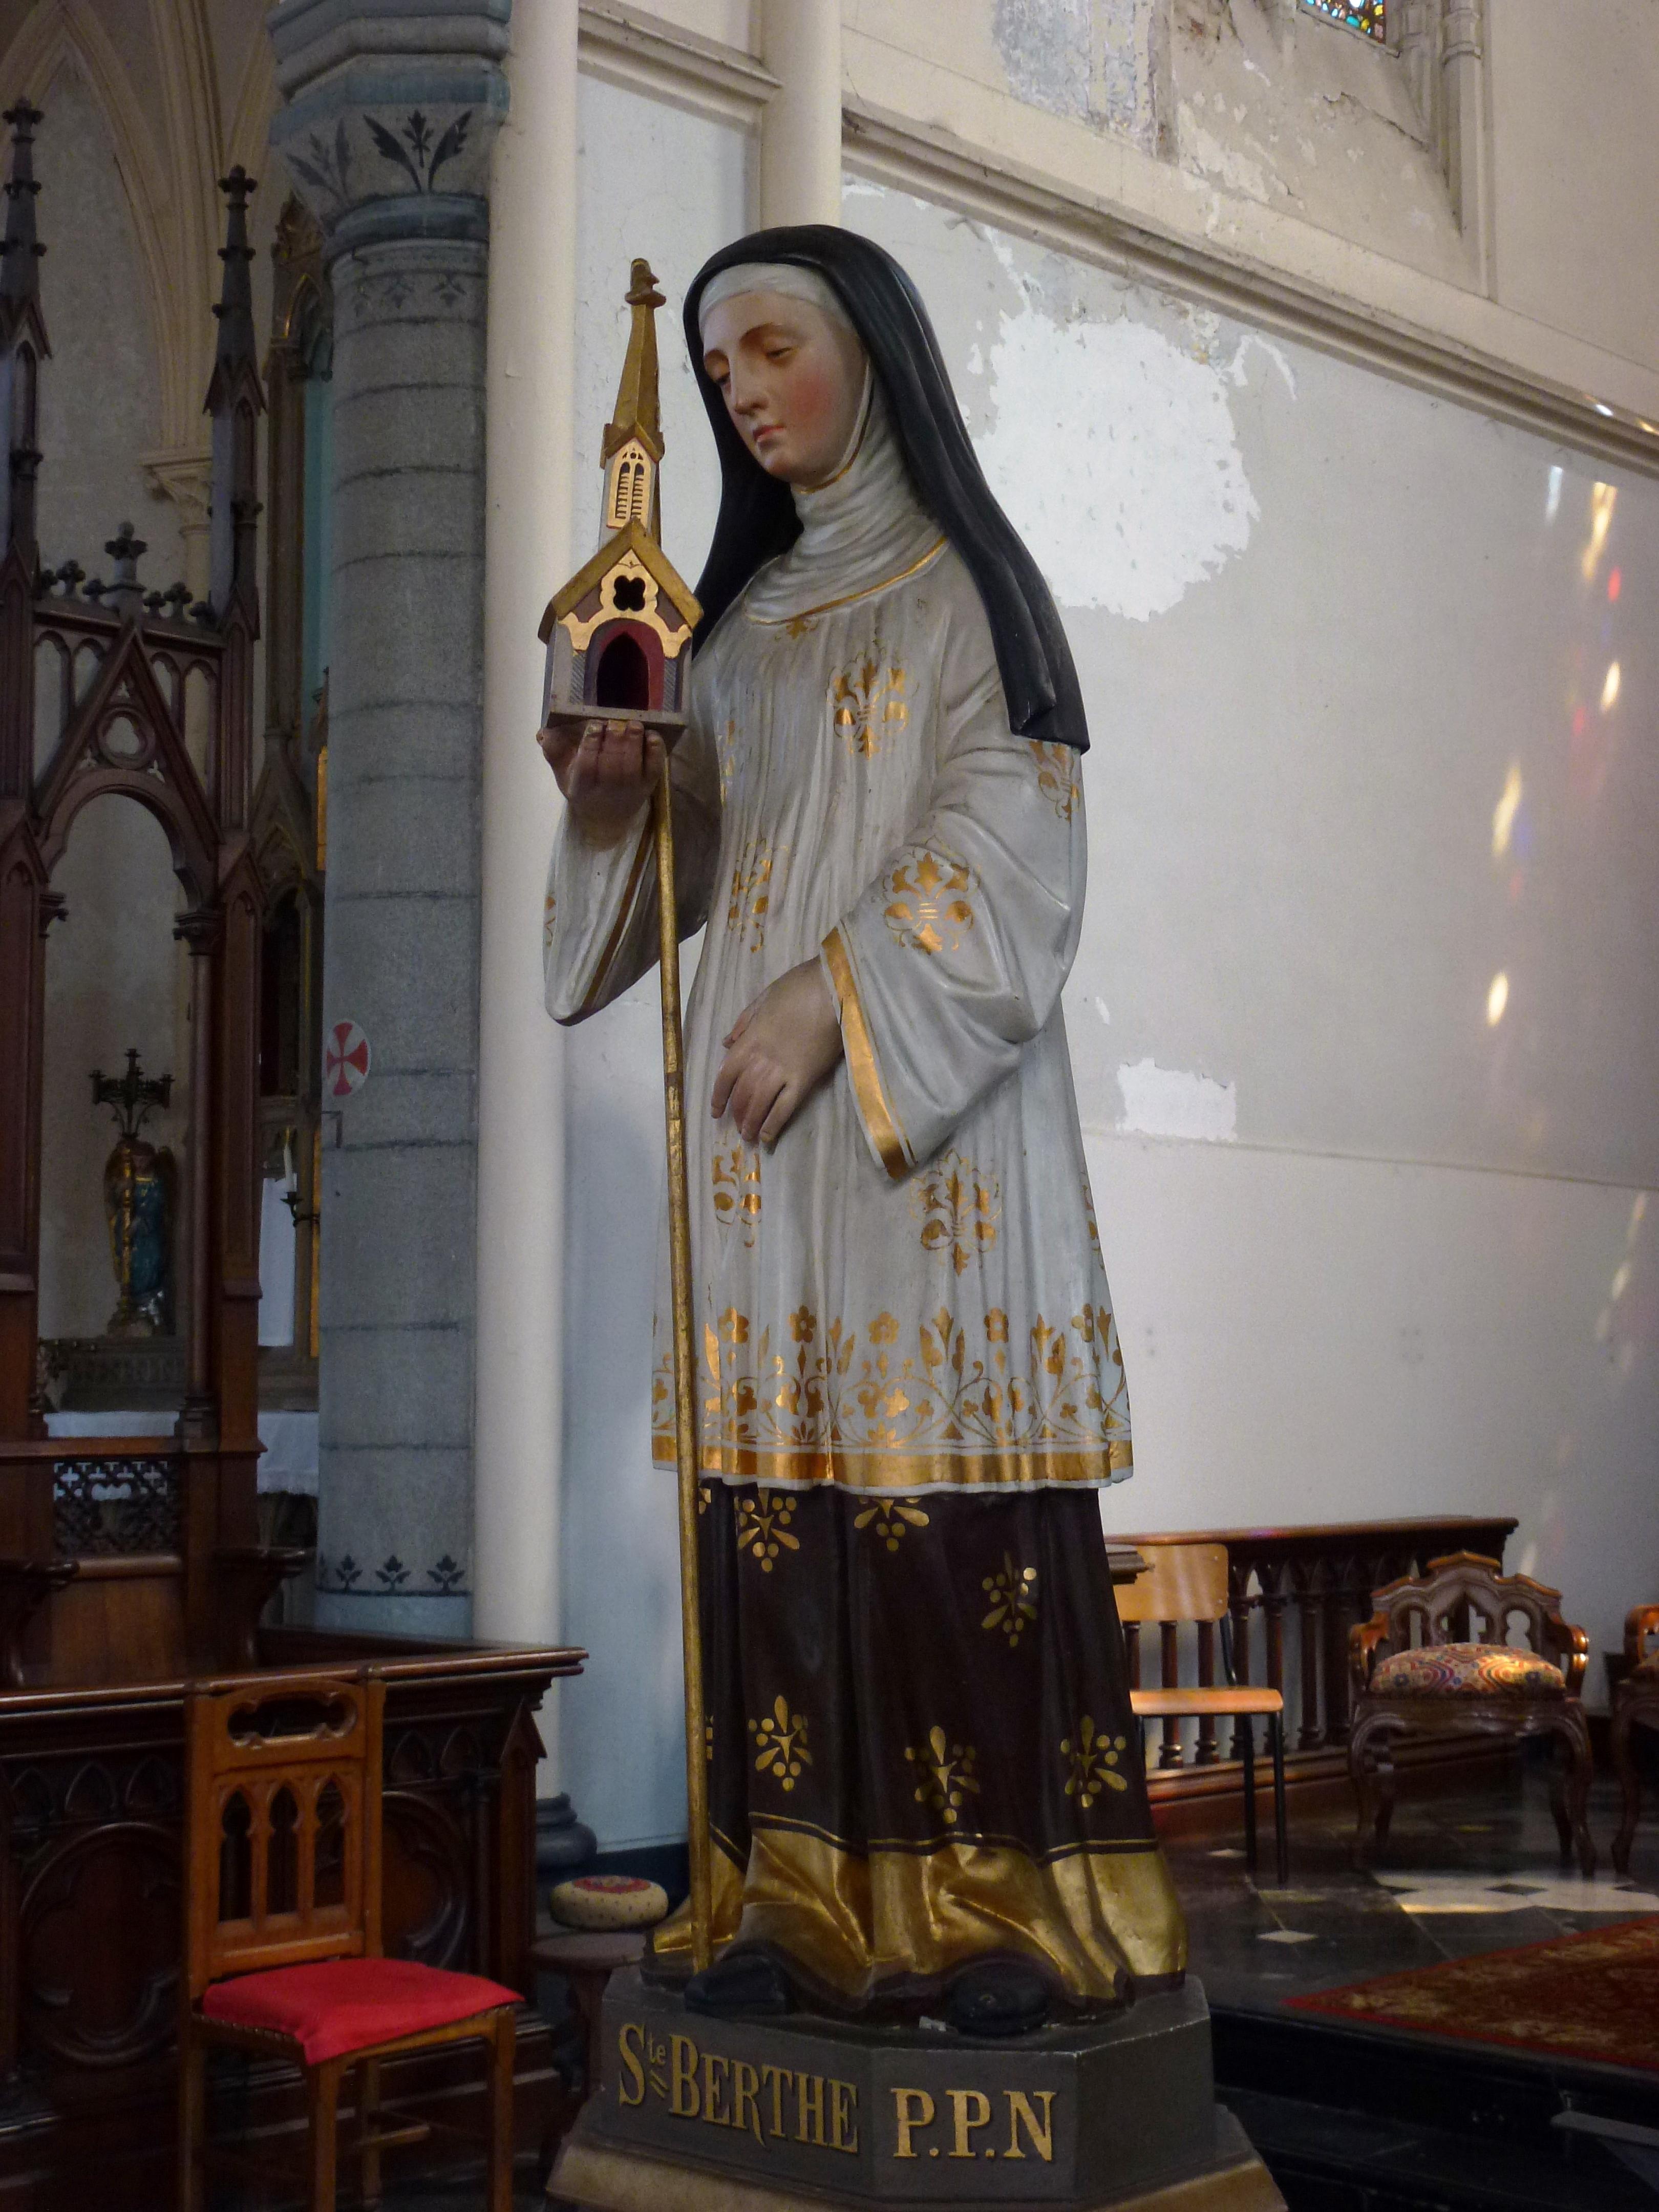 Statue av den hellige Bertha av Avenay i kirken i Auchy-lez-Orchies i departementet Nord i Frankrike